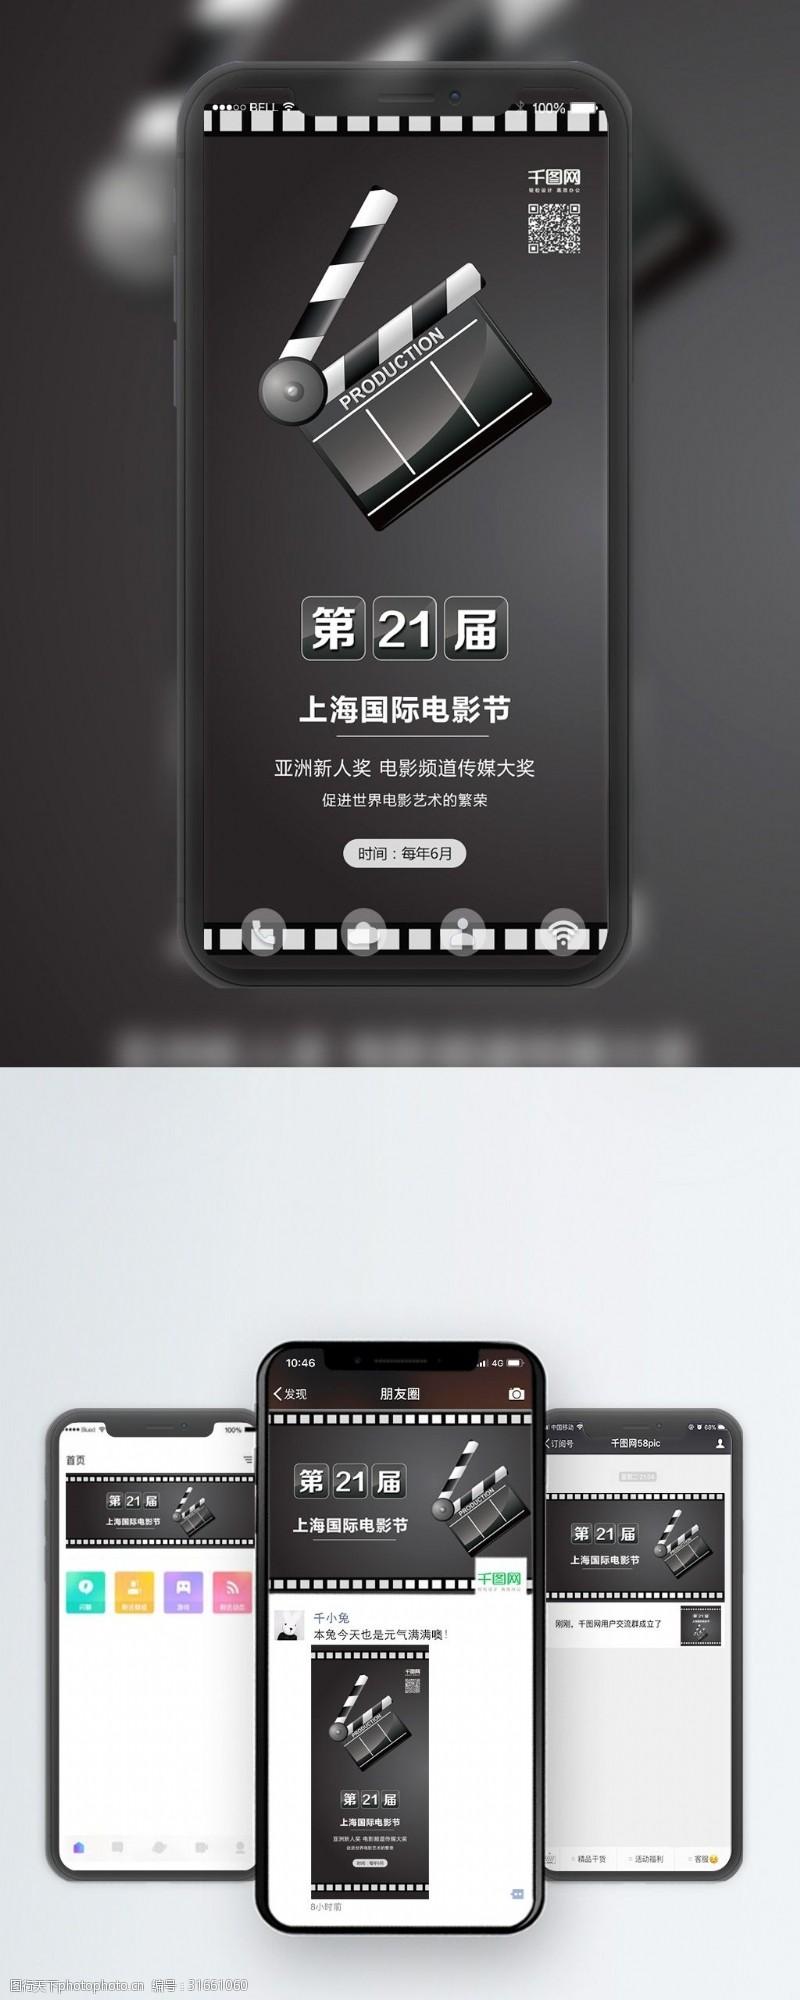 上海电影节黑色简约上海国际电影节宣传海报配图